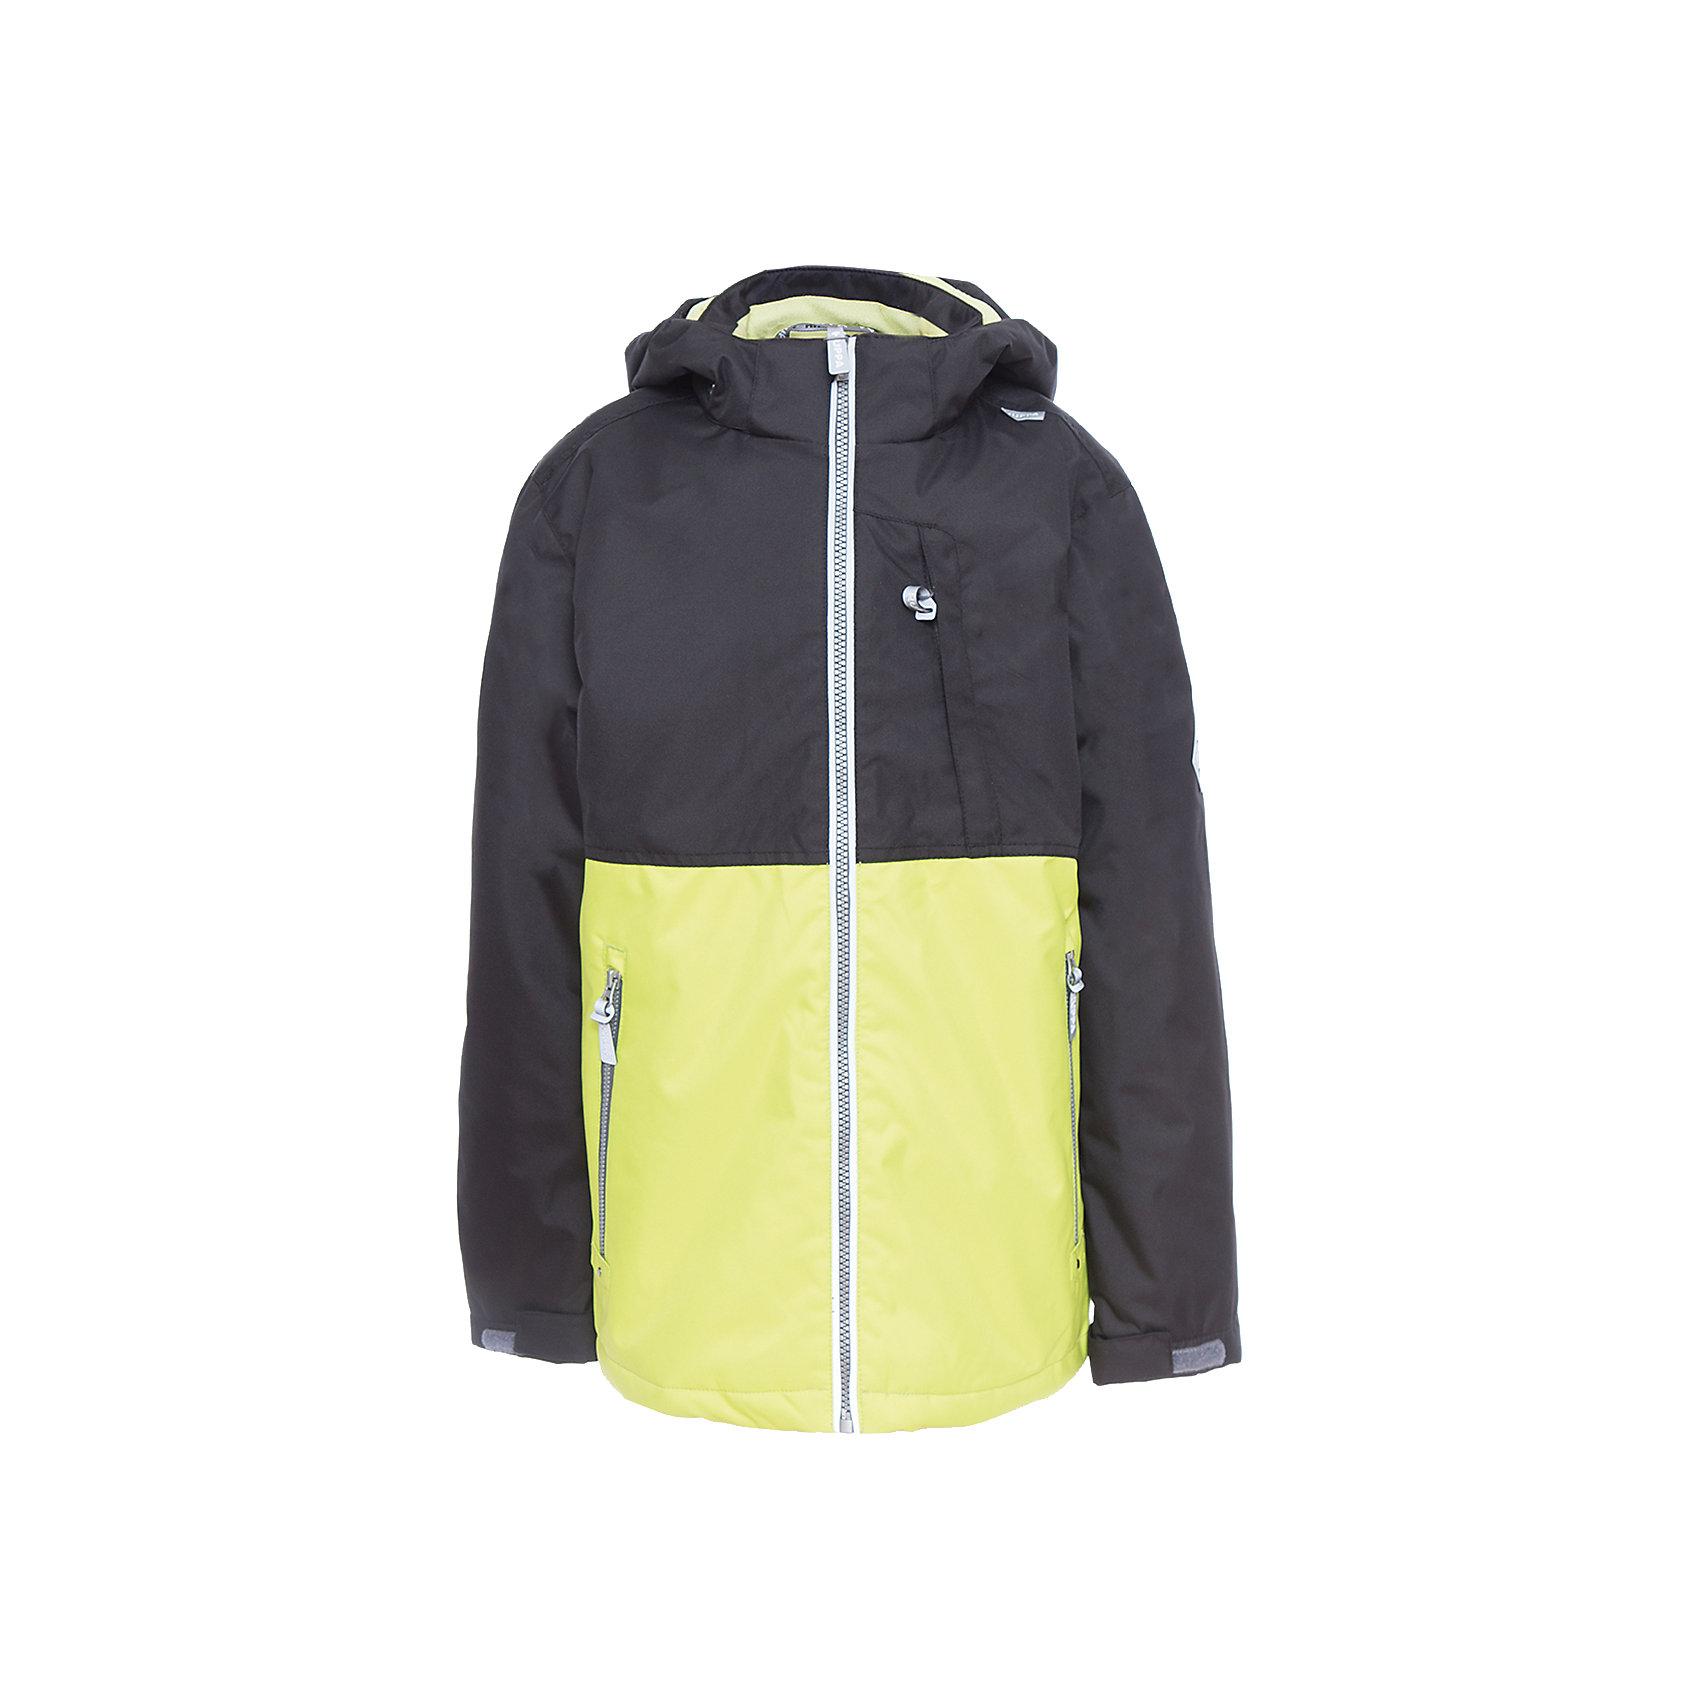 Куртка для мальчика TREVOR HuppaВерхняя одежда<br>Характеристики товара:<br><br>• цвет: чёрный/лайм<br>• ткань: 100% полиэстер<br>• подкладка: тафта - 100% полиэстер<br>• утеплитель: 100% полиэстер 100 г<br>• температурный режим: от -5°С до +10°С<br>• водонепроницаемость: 10000 мм<br>• воздухопроницаемость: 10000 мм<br>• светоотражающие детали<br>• эластичные манжеты<br>• проклеенные швы<br>• карманы на молнии<br>• эластичный шнур + фиксатор<br>• съёмный капюшон с резинкой<br>• регулируемые манжеты<br>• комфортная посадка<br>• коллекция: весна-лето 2017<br>• страна бренда: Эстония<br><br>Эта стильная куртка обеспечит детям тепло и комфорт. Она сделана из материала, отталкивающего воду, и дополнено подкладкой с утеплителем, поэтому изделие идеально подходит для межсезонья. Материал изделия - с мембранной технологией: защищая от влаги и ветра, он легко выводит лишнюю влагу наружу. Для удобства сделан капюшон. Куртка очень симпатично смотрится, яркая расцветка и крой добавляют ему оригинальности. Модель была разработана специально для детей.<br><br>Одежда и обувь от популярного эстонского бренда Huppa - отличный вариант одеть ребенка можно и комфортно. Вещи, выпускаемые компанией, качественные, продуманные и очень удобные. Для производства изделий используются только безопасные для детей материалы. Продукция от Huppa порадует и детей, и их родителей!<br><br>Куртку для мальчика TREVOR от бренда Huppa (Хуппа) можно купить в нашем интернет-магазине.<br><br>Ширина мм: 356<br>Глубина мм: 10<br>Высота мм: 245<br>Вес г: 519<br>Цвет: зеленый<br>Возраст от месяцев: 36<br>Возраст до месяцев: 48<br>Пол: Мужской<br>Возраст: Детский<br>Размер: 152,110,116,122,128,104,134,140,146<br>SKU: 5347043